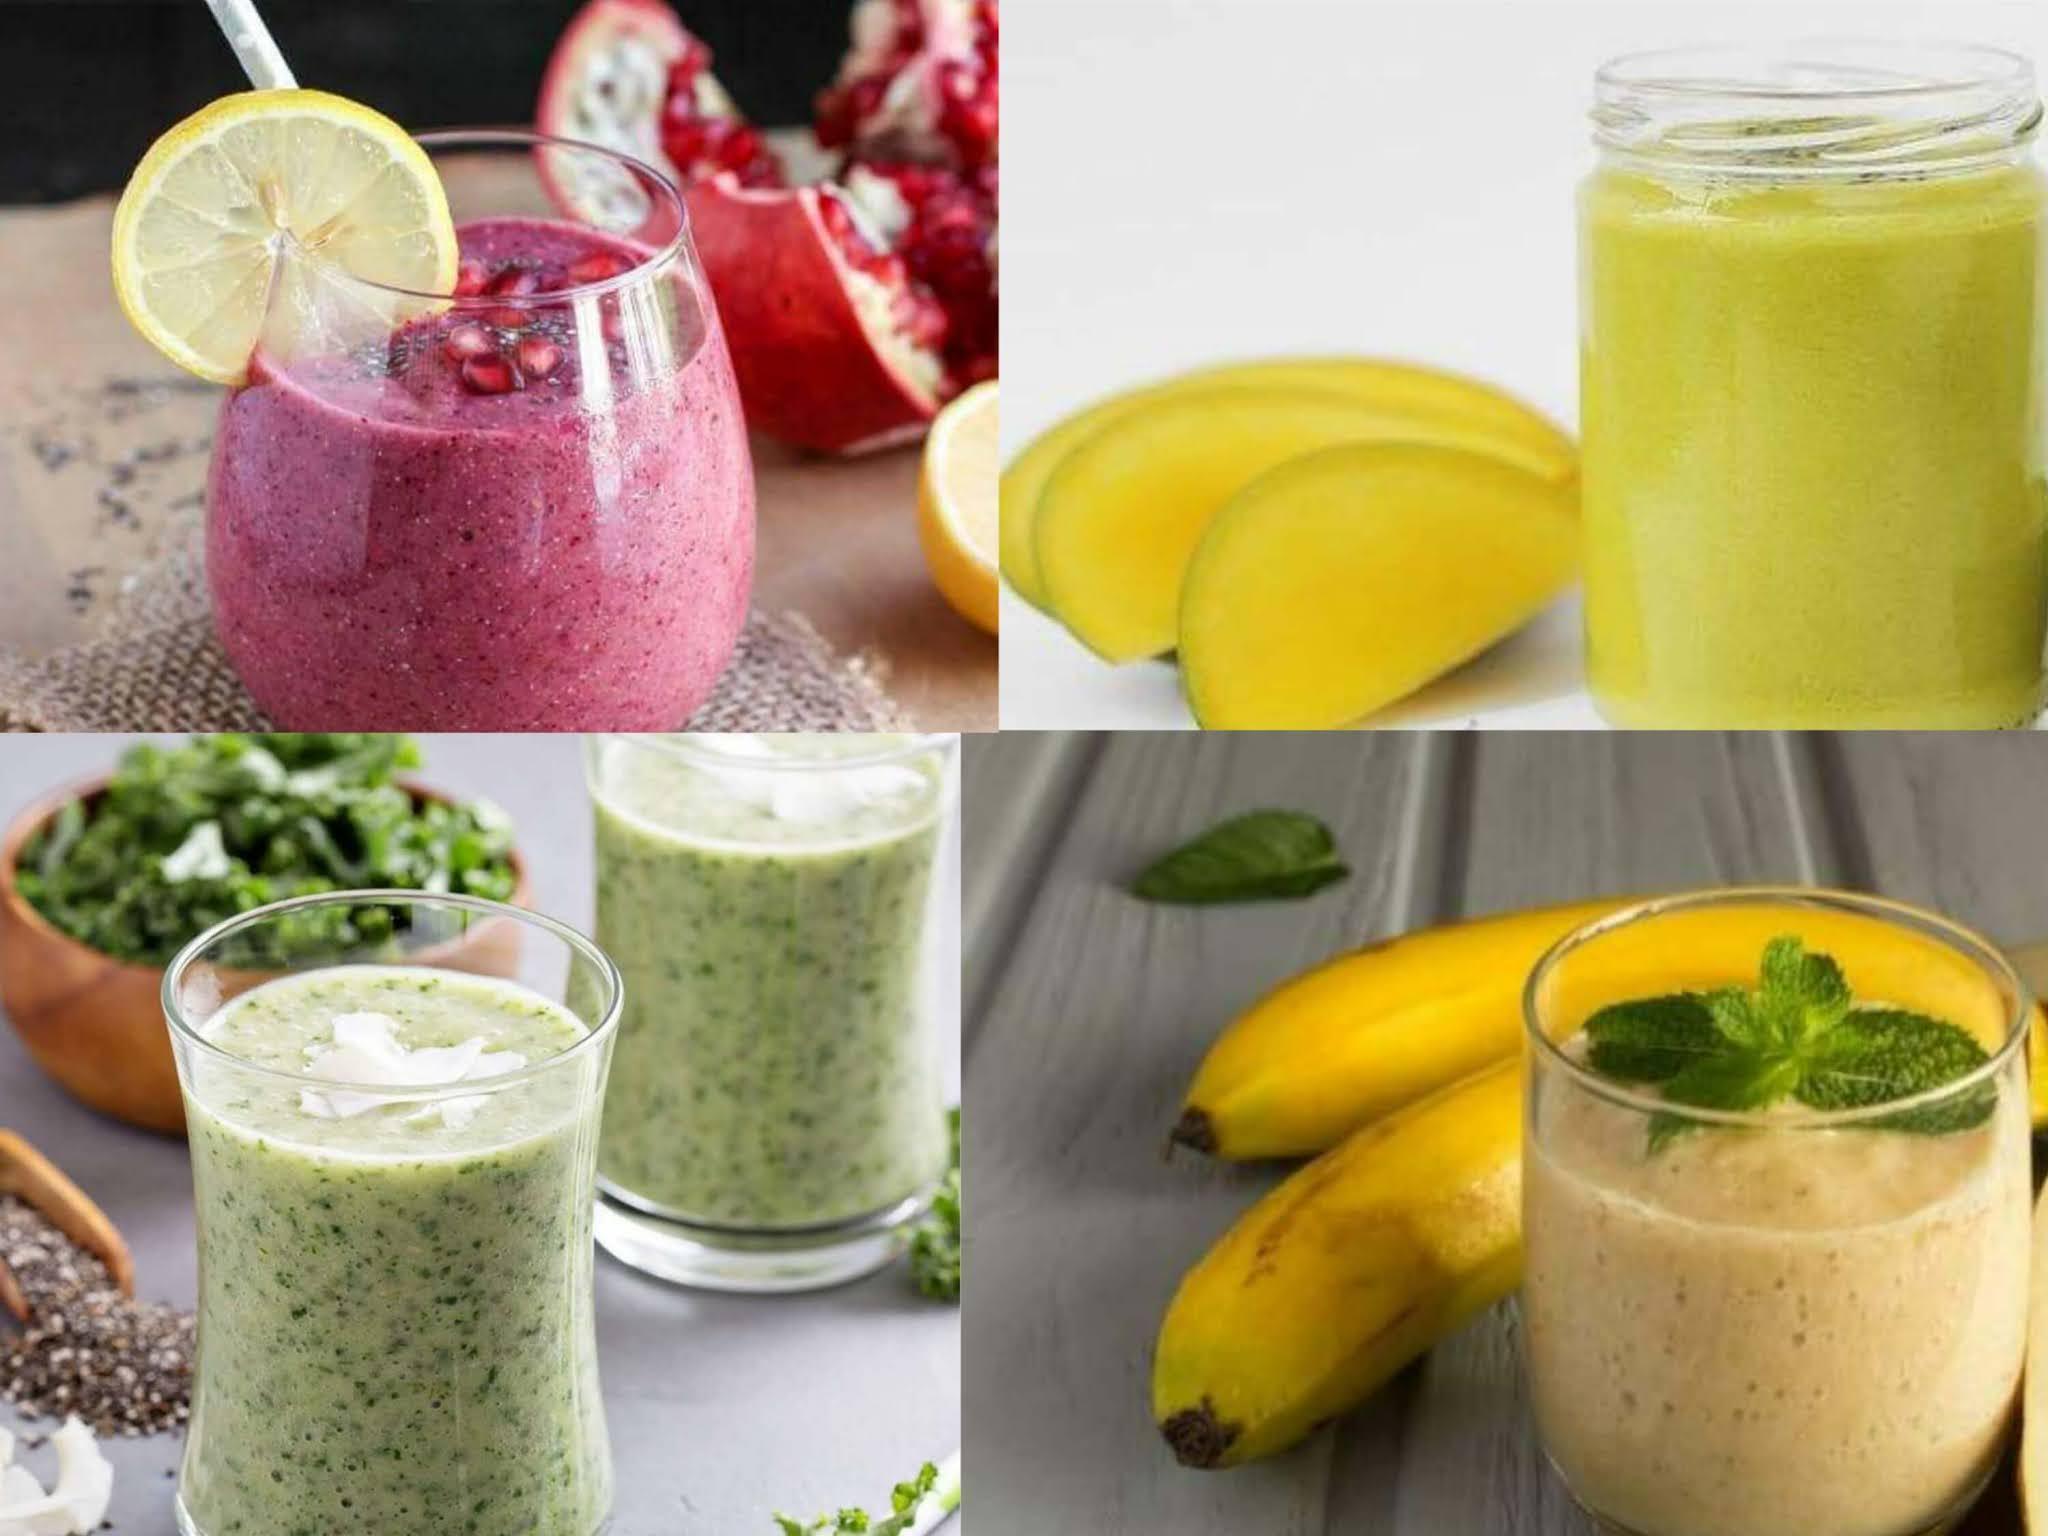 وصفات كوكتيل فواكه(سموثي) صحية ومغذية ومشبعة